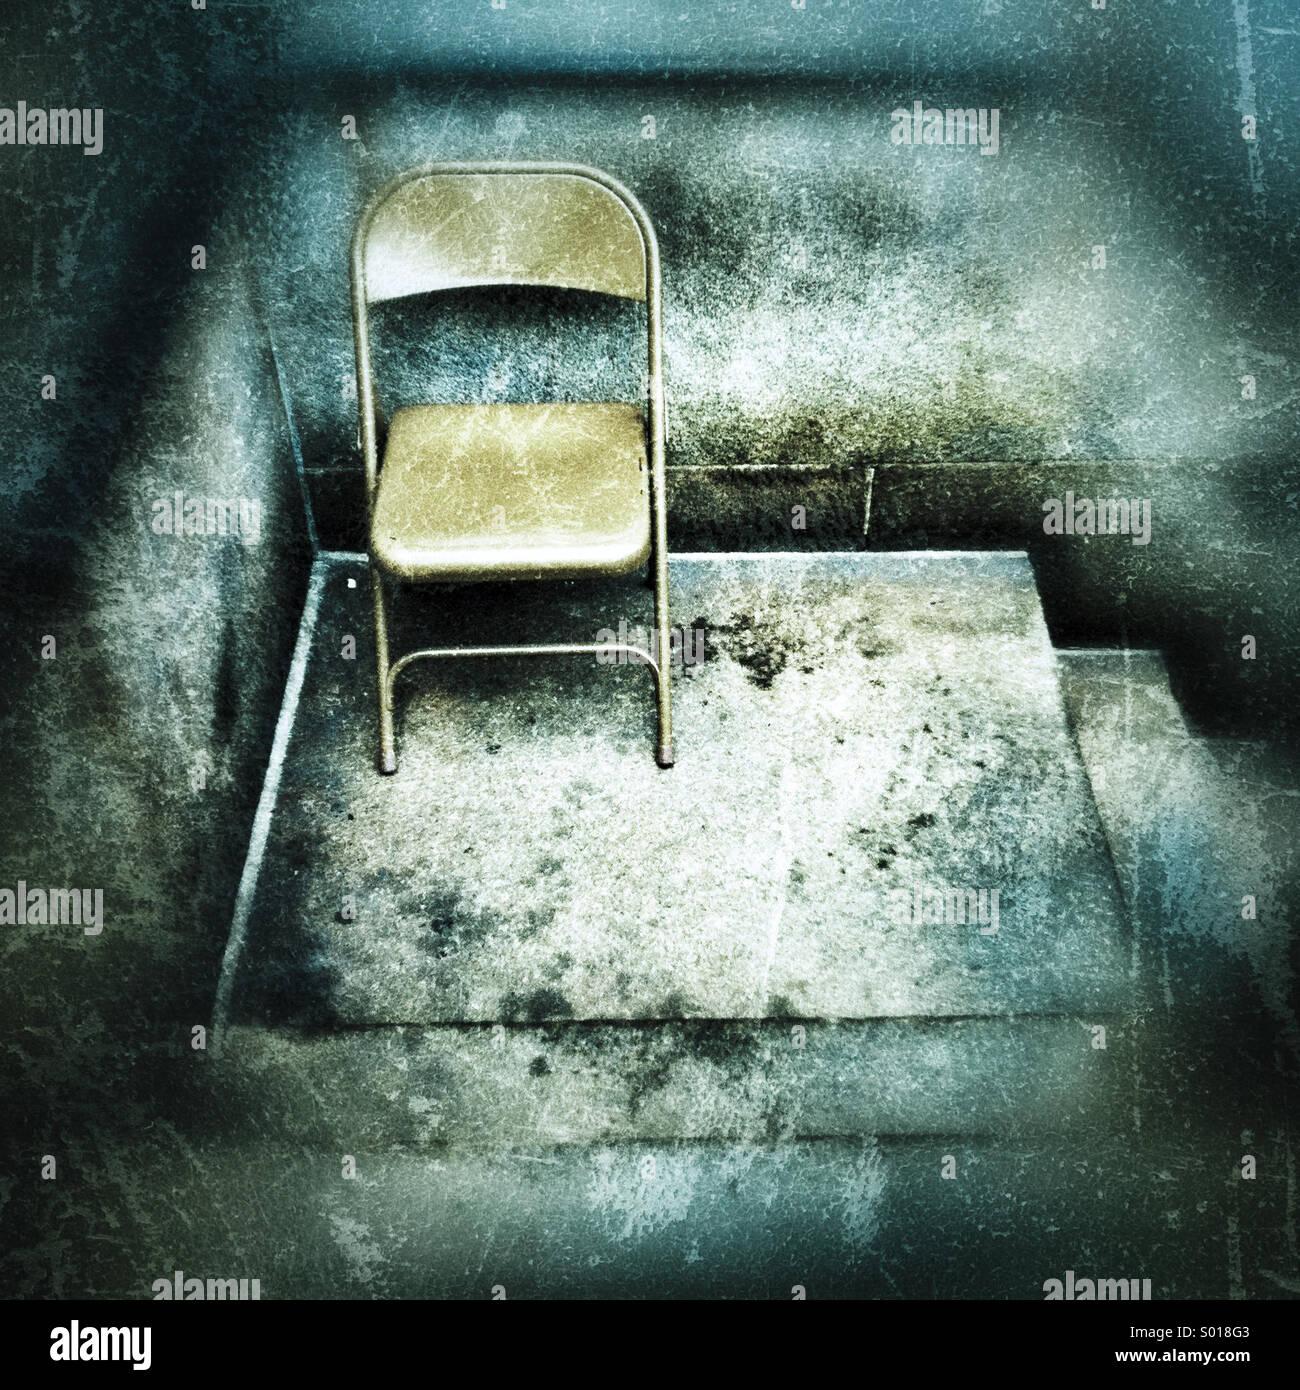 Une chaise pliante en métal assise sur une difficulté à la mesquinerie du ciment Photo Stock